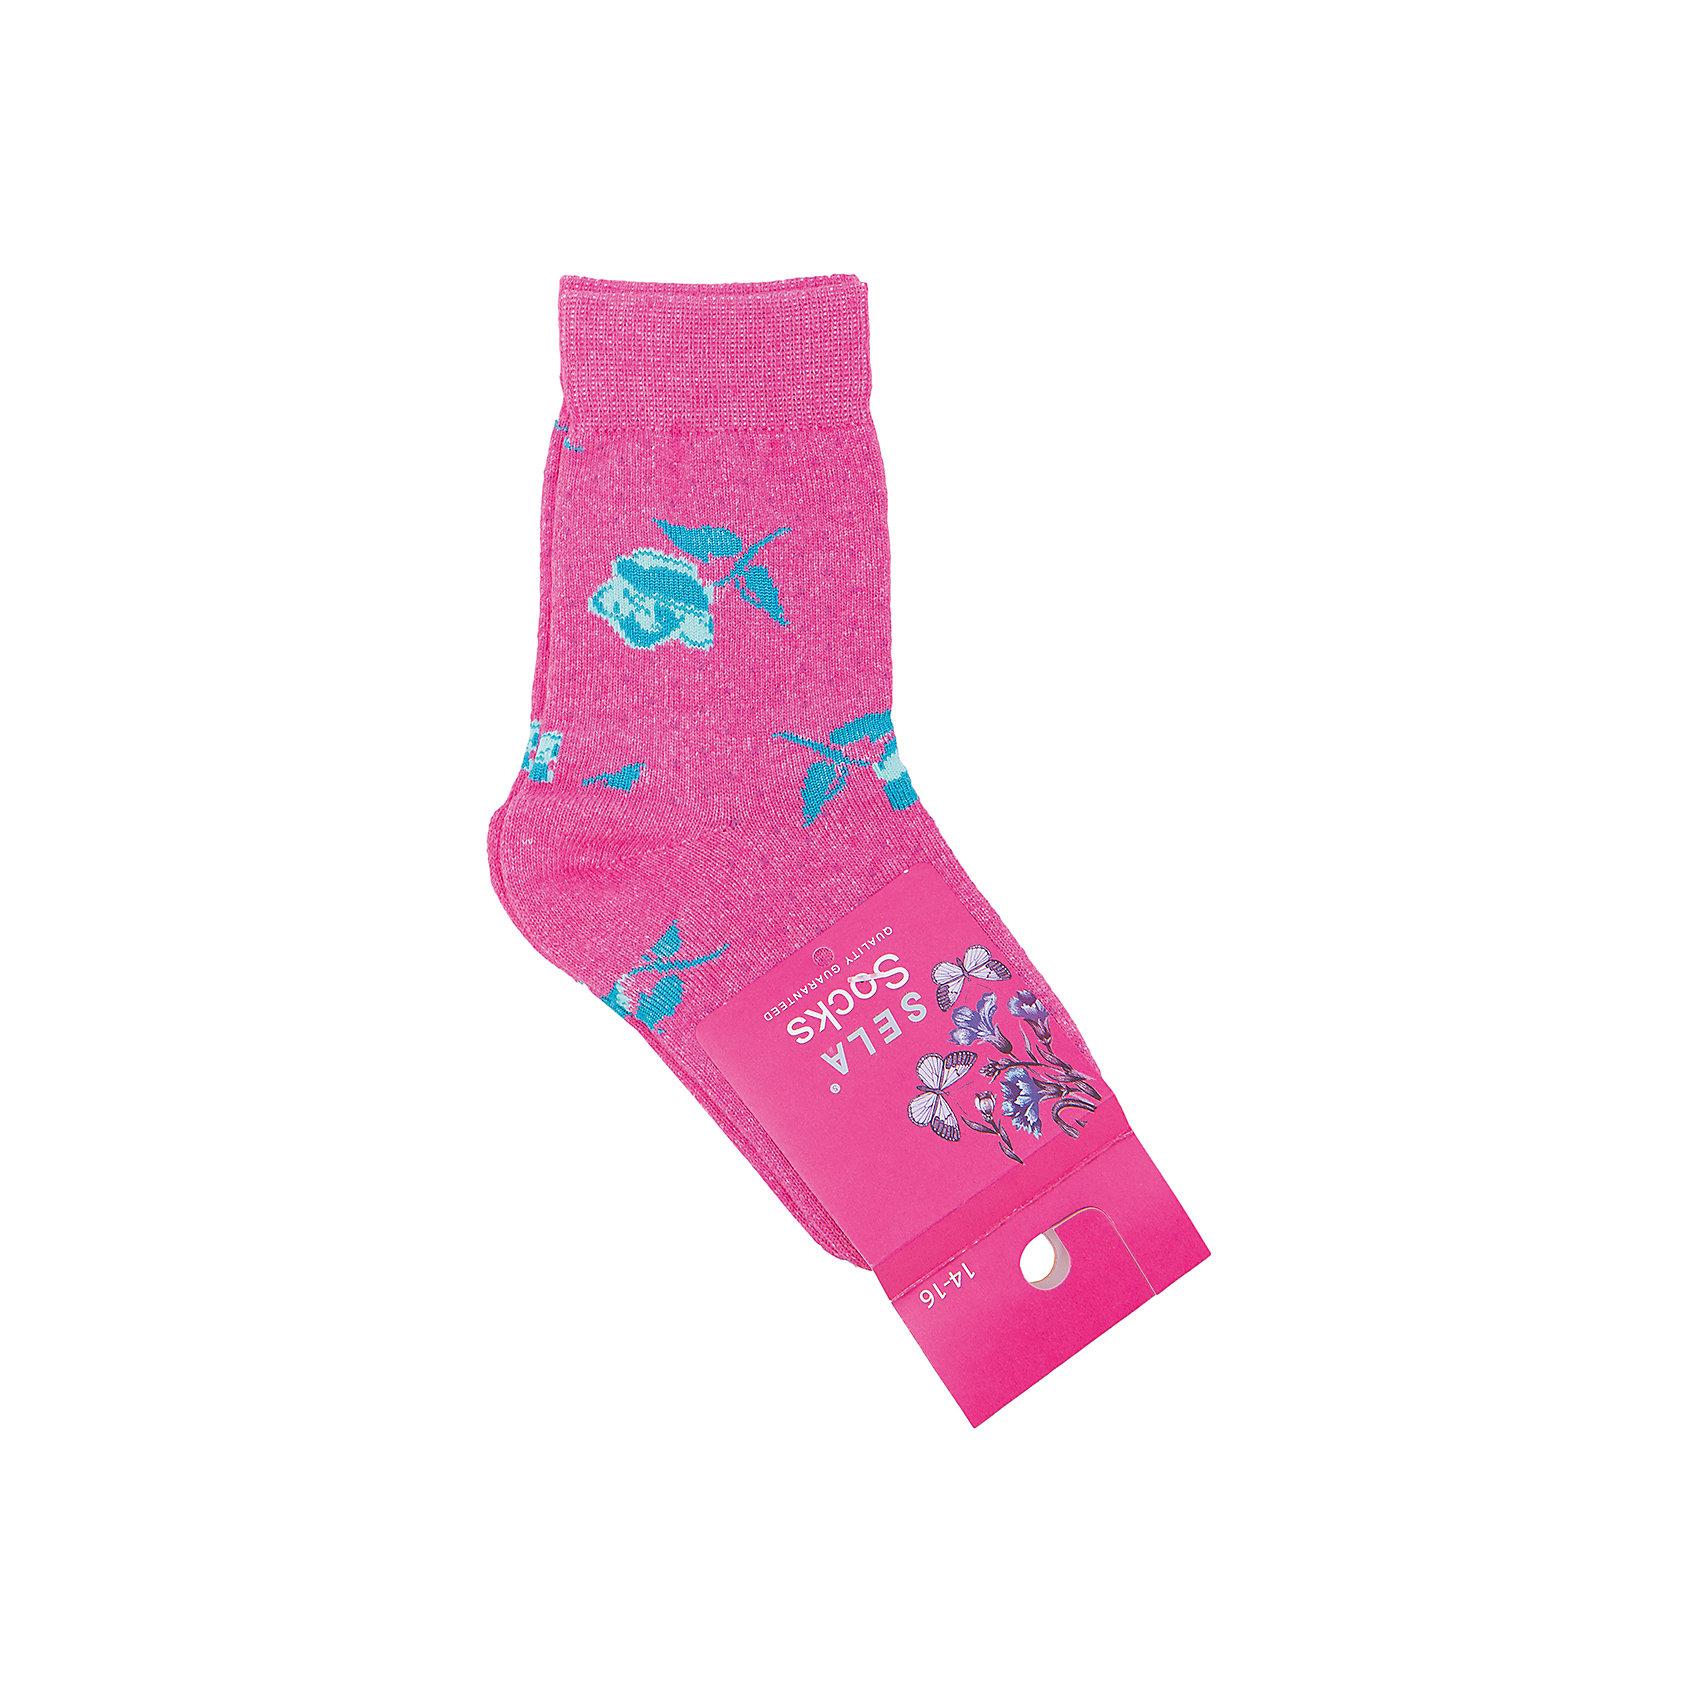 Носки для девочки SELAНоски<br>Удобные носки - неотъемлемая составляющая комфорта ребенка. Эта модель отлично сидит на девочке, она сшита из приятного на ощупь материала, мягкая и дышащая. Натуральный хлопок в составе ткани не вызывает аллергии и обеспечивает ребенку комфорт. Мягкая резинка не сдавливает ногу.<br>Одежда от бренда Sela (Села) - это качество по приемлемым ценам. Многие российские родители уже оценили преимущества продукции этой компании и всё чаще приобретают одежду и аксессуары Sela.<br><br>Дополнительная информация:<br><br>цвет: разноцветный;<br>материал:75% хлопок, 20% ПЭ, 5% эластан;<br>мягкая резинка;<br>трикотаж.<br><br>Носки для девочки от бренда Sela можно купить в нашем интернет-магазине.<br><br>Ширина мм: 87<br>Глубина мм: 10<br>Высота мм: 105<br>Вес г: 115<br>Цвет: розовый<br>Возраст от месяцев: 96<br>Возраст до месяцев: 108<br>Пол: Женский<br>Возраст: Детский<br>Размер: 29-32,32-35,23-26,26-29<br>SKU: 5020278